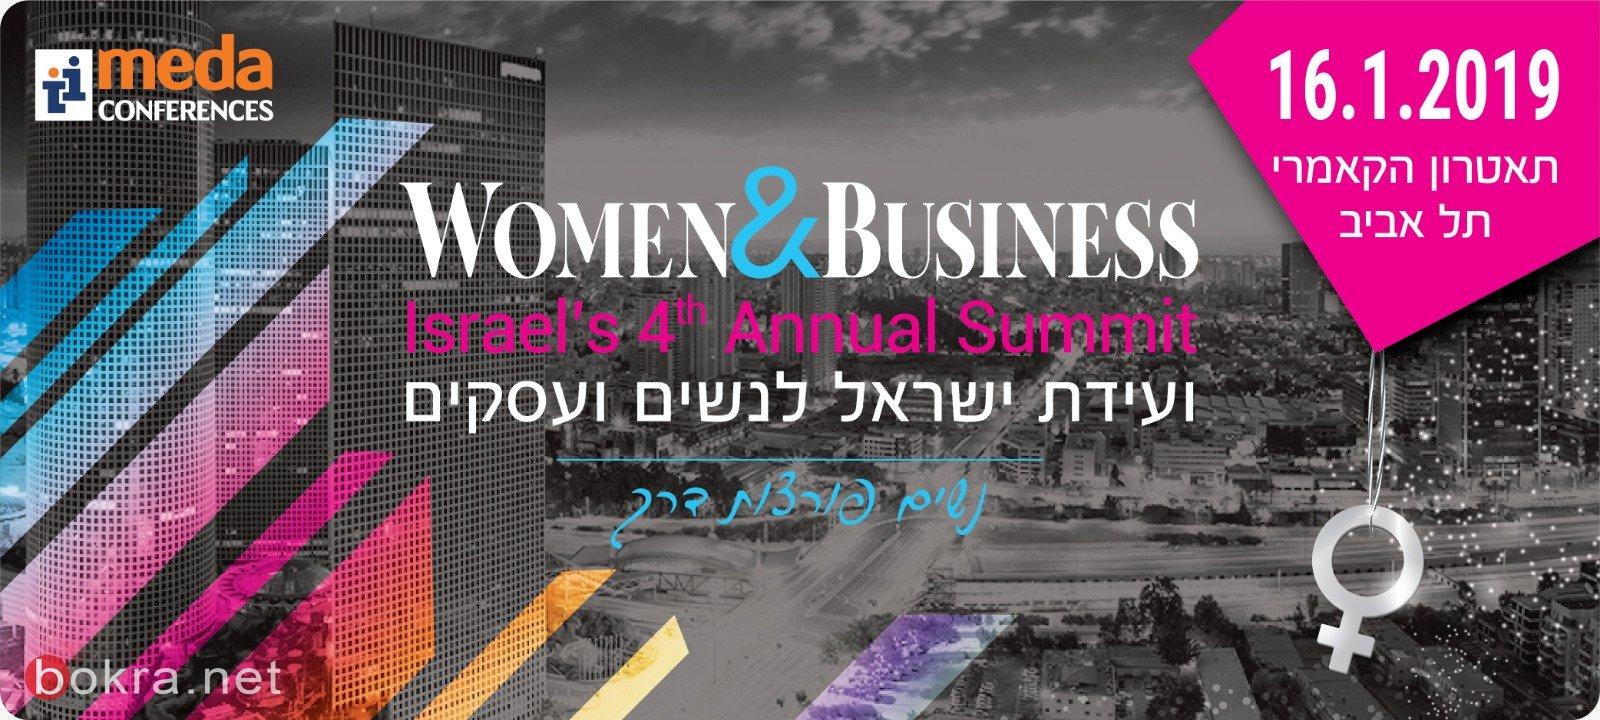 الأربعاء القادم، مؤتمر سيدات الأعمال .. تومر يسرائيلي يتحدث عن أهمية الحدث